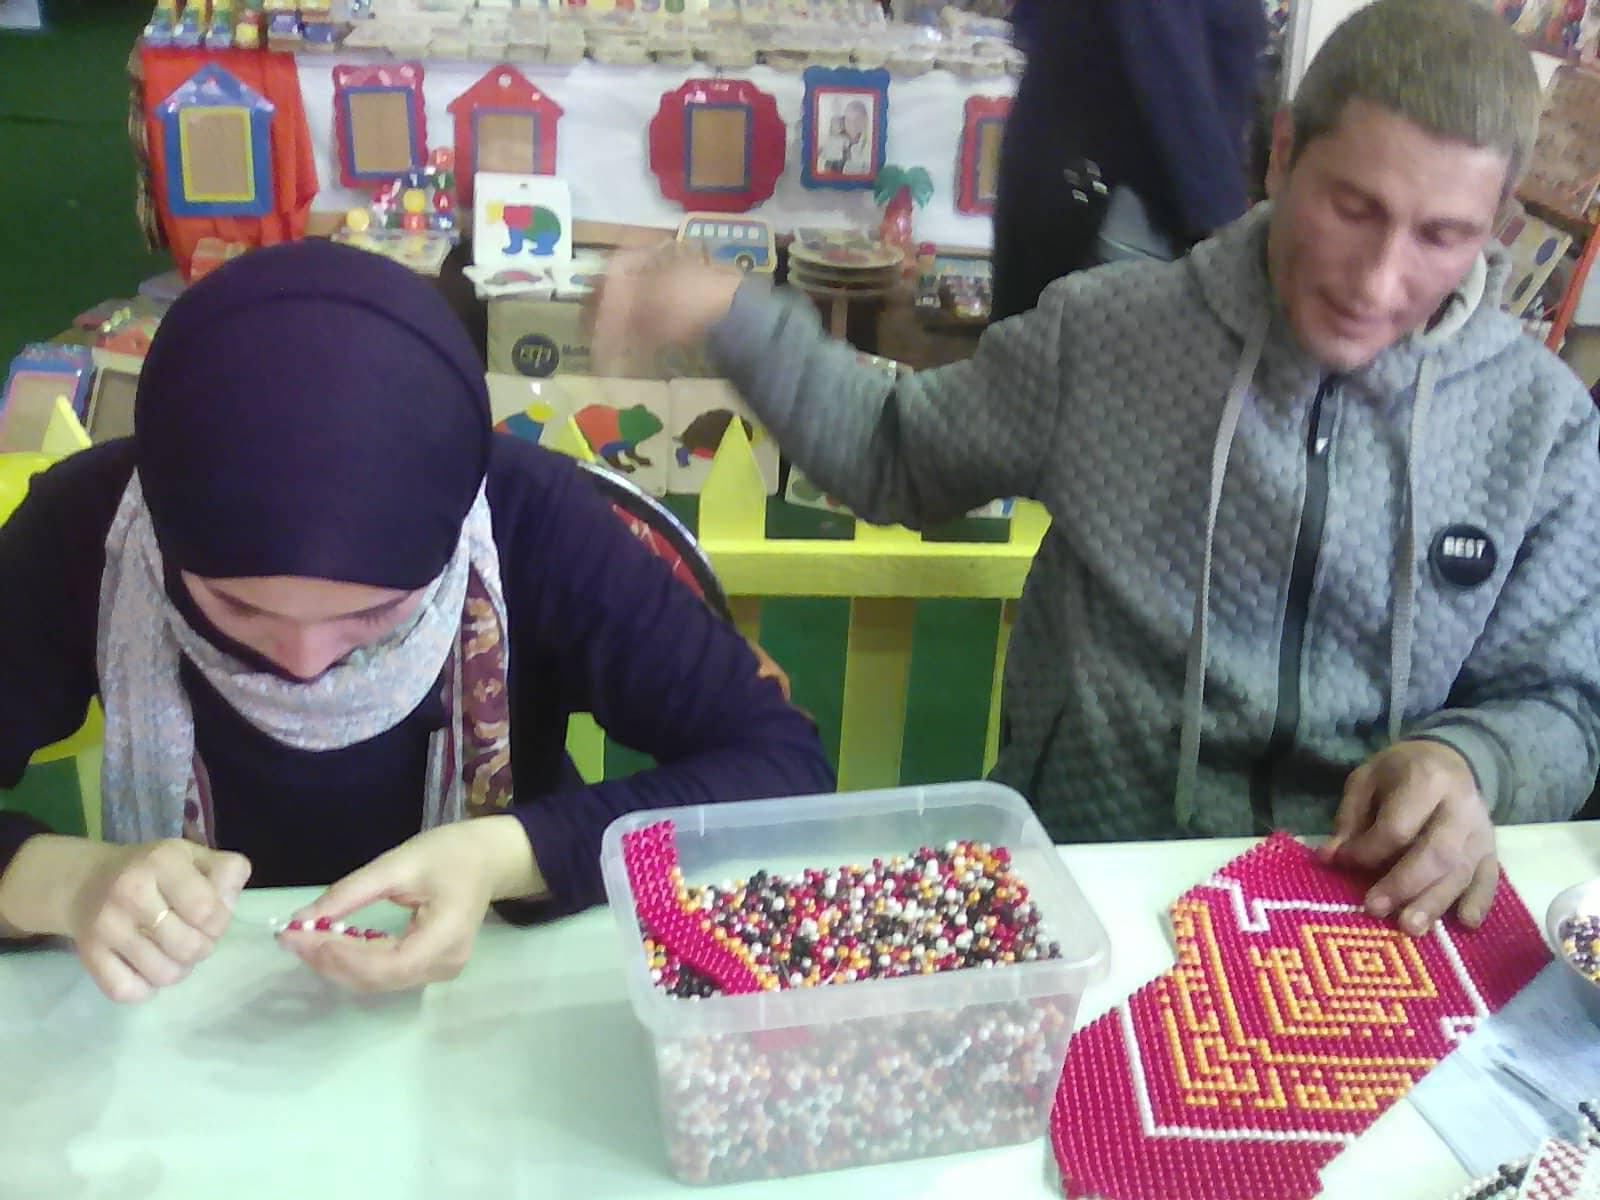 فعاليات مخيم طفل قصور الثقافة بمعرض الكتاب   (3)